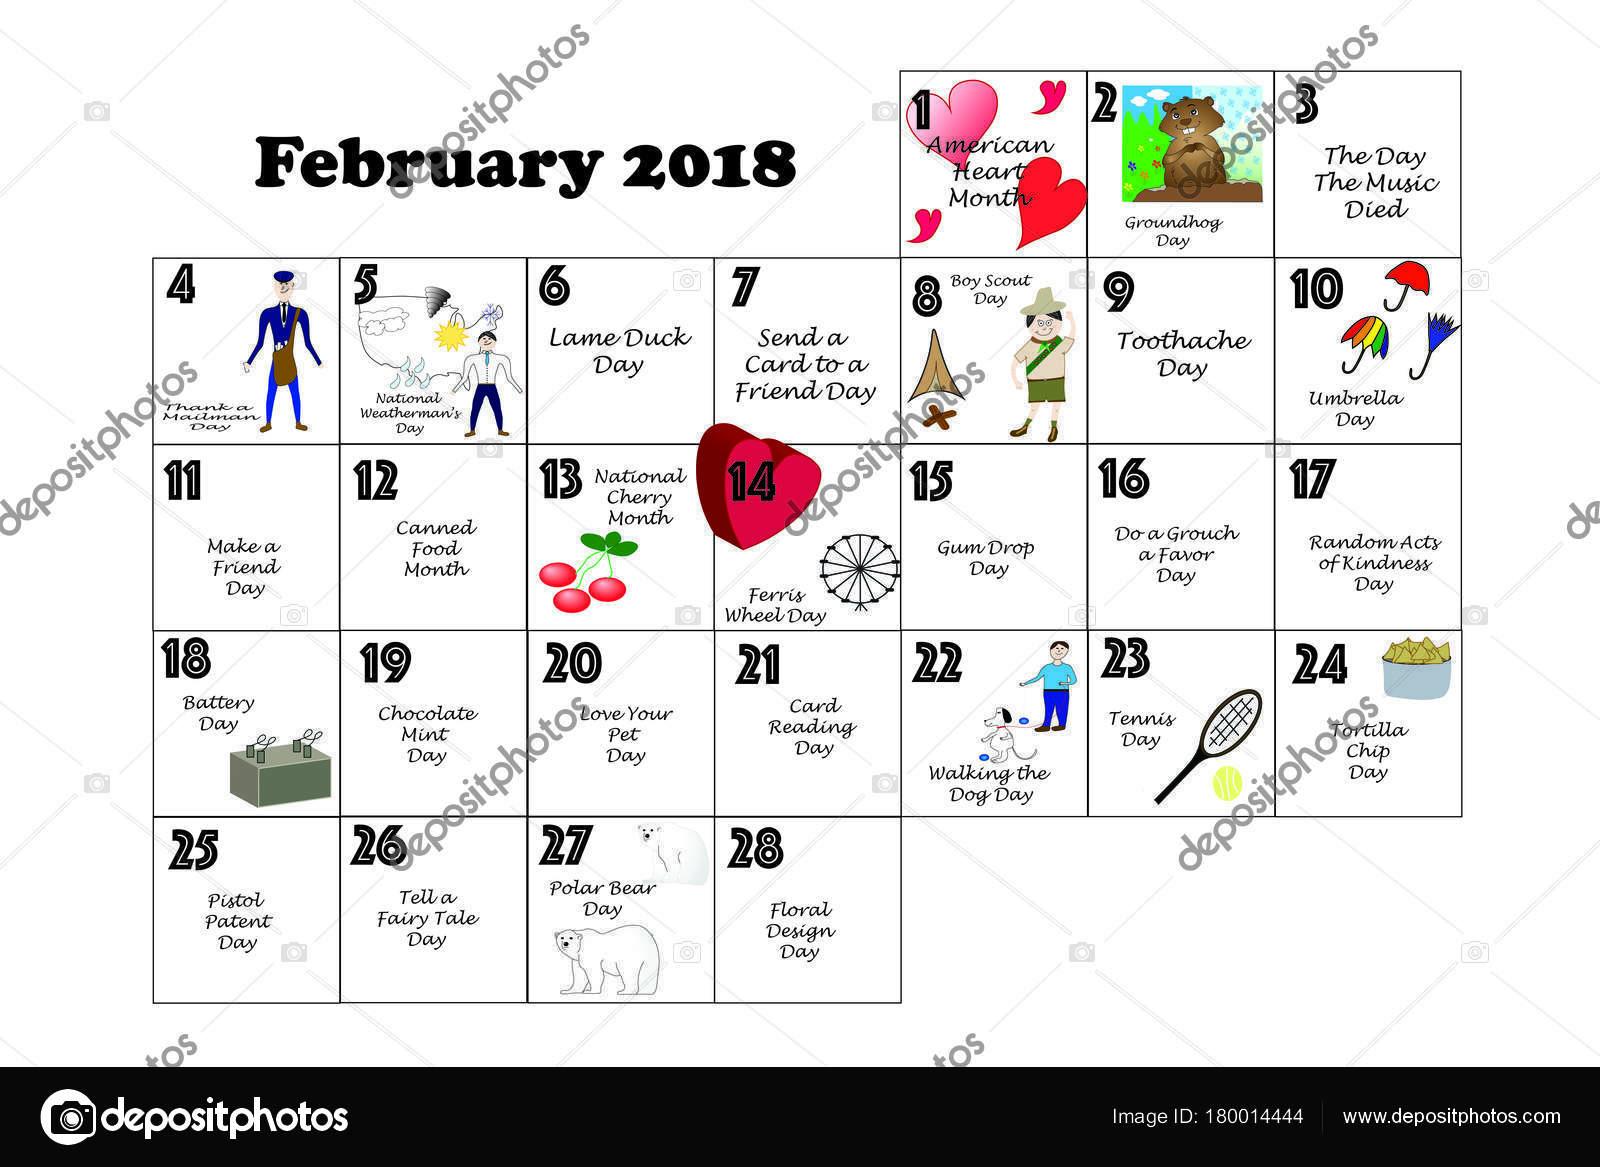 月のカレンダー イラスト付けられて毎日の風変わりな休日や日曜日の